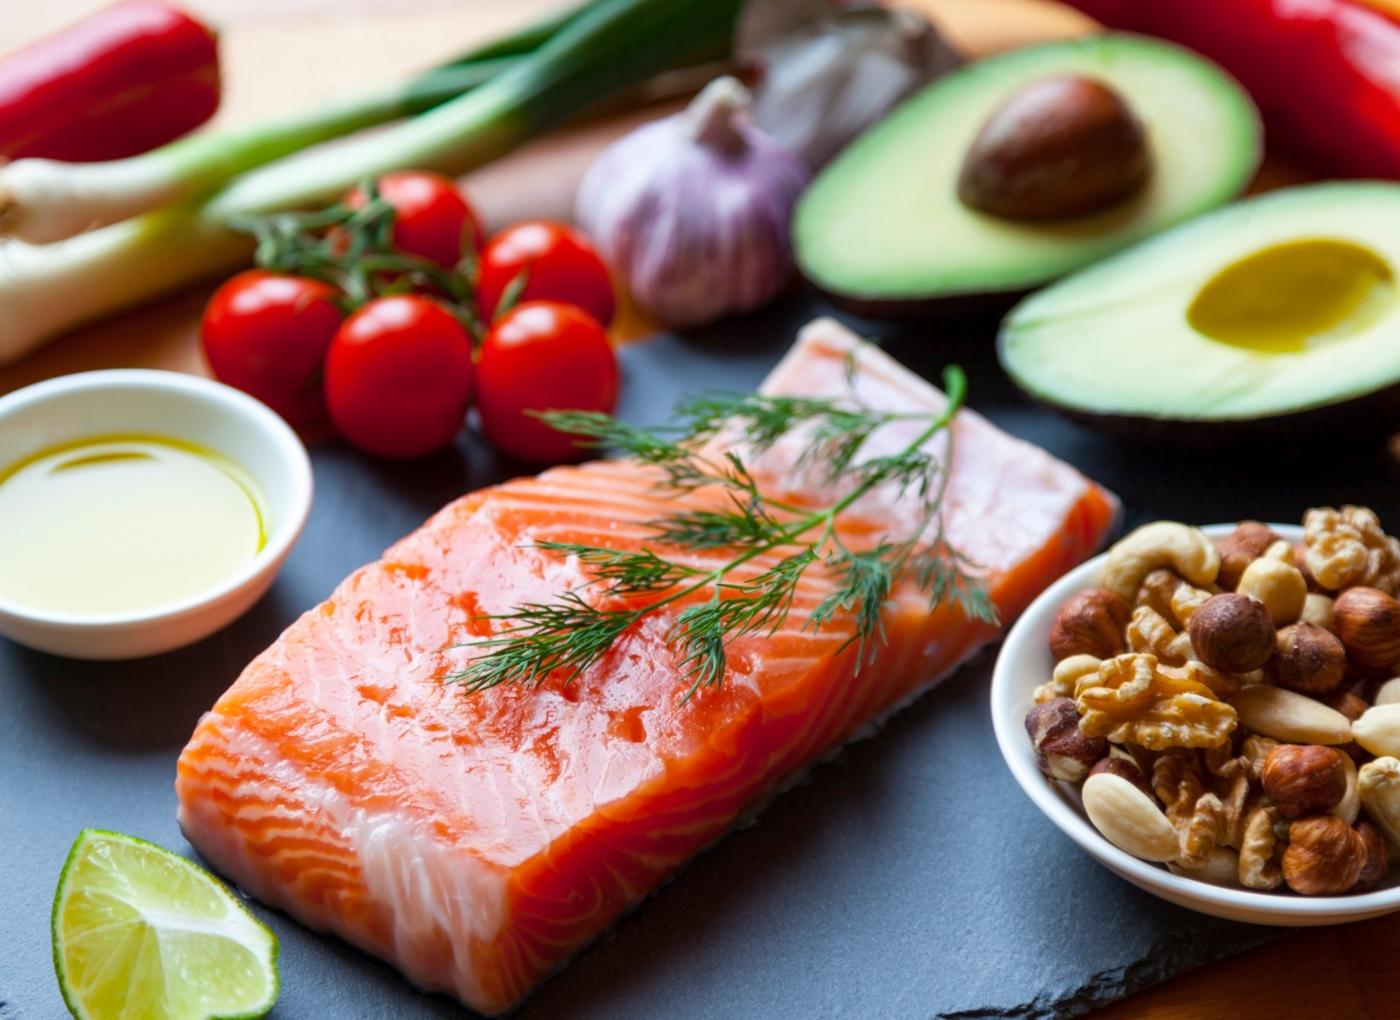 Alimentos permitidos na dieta paleo: varie as suas refeições